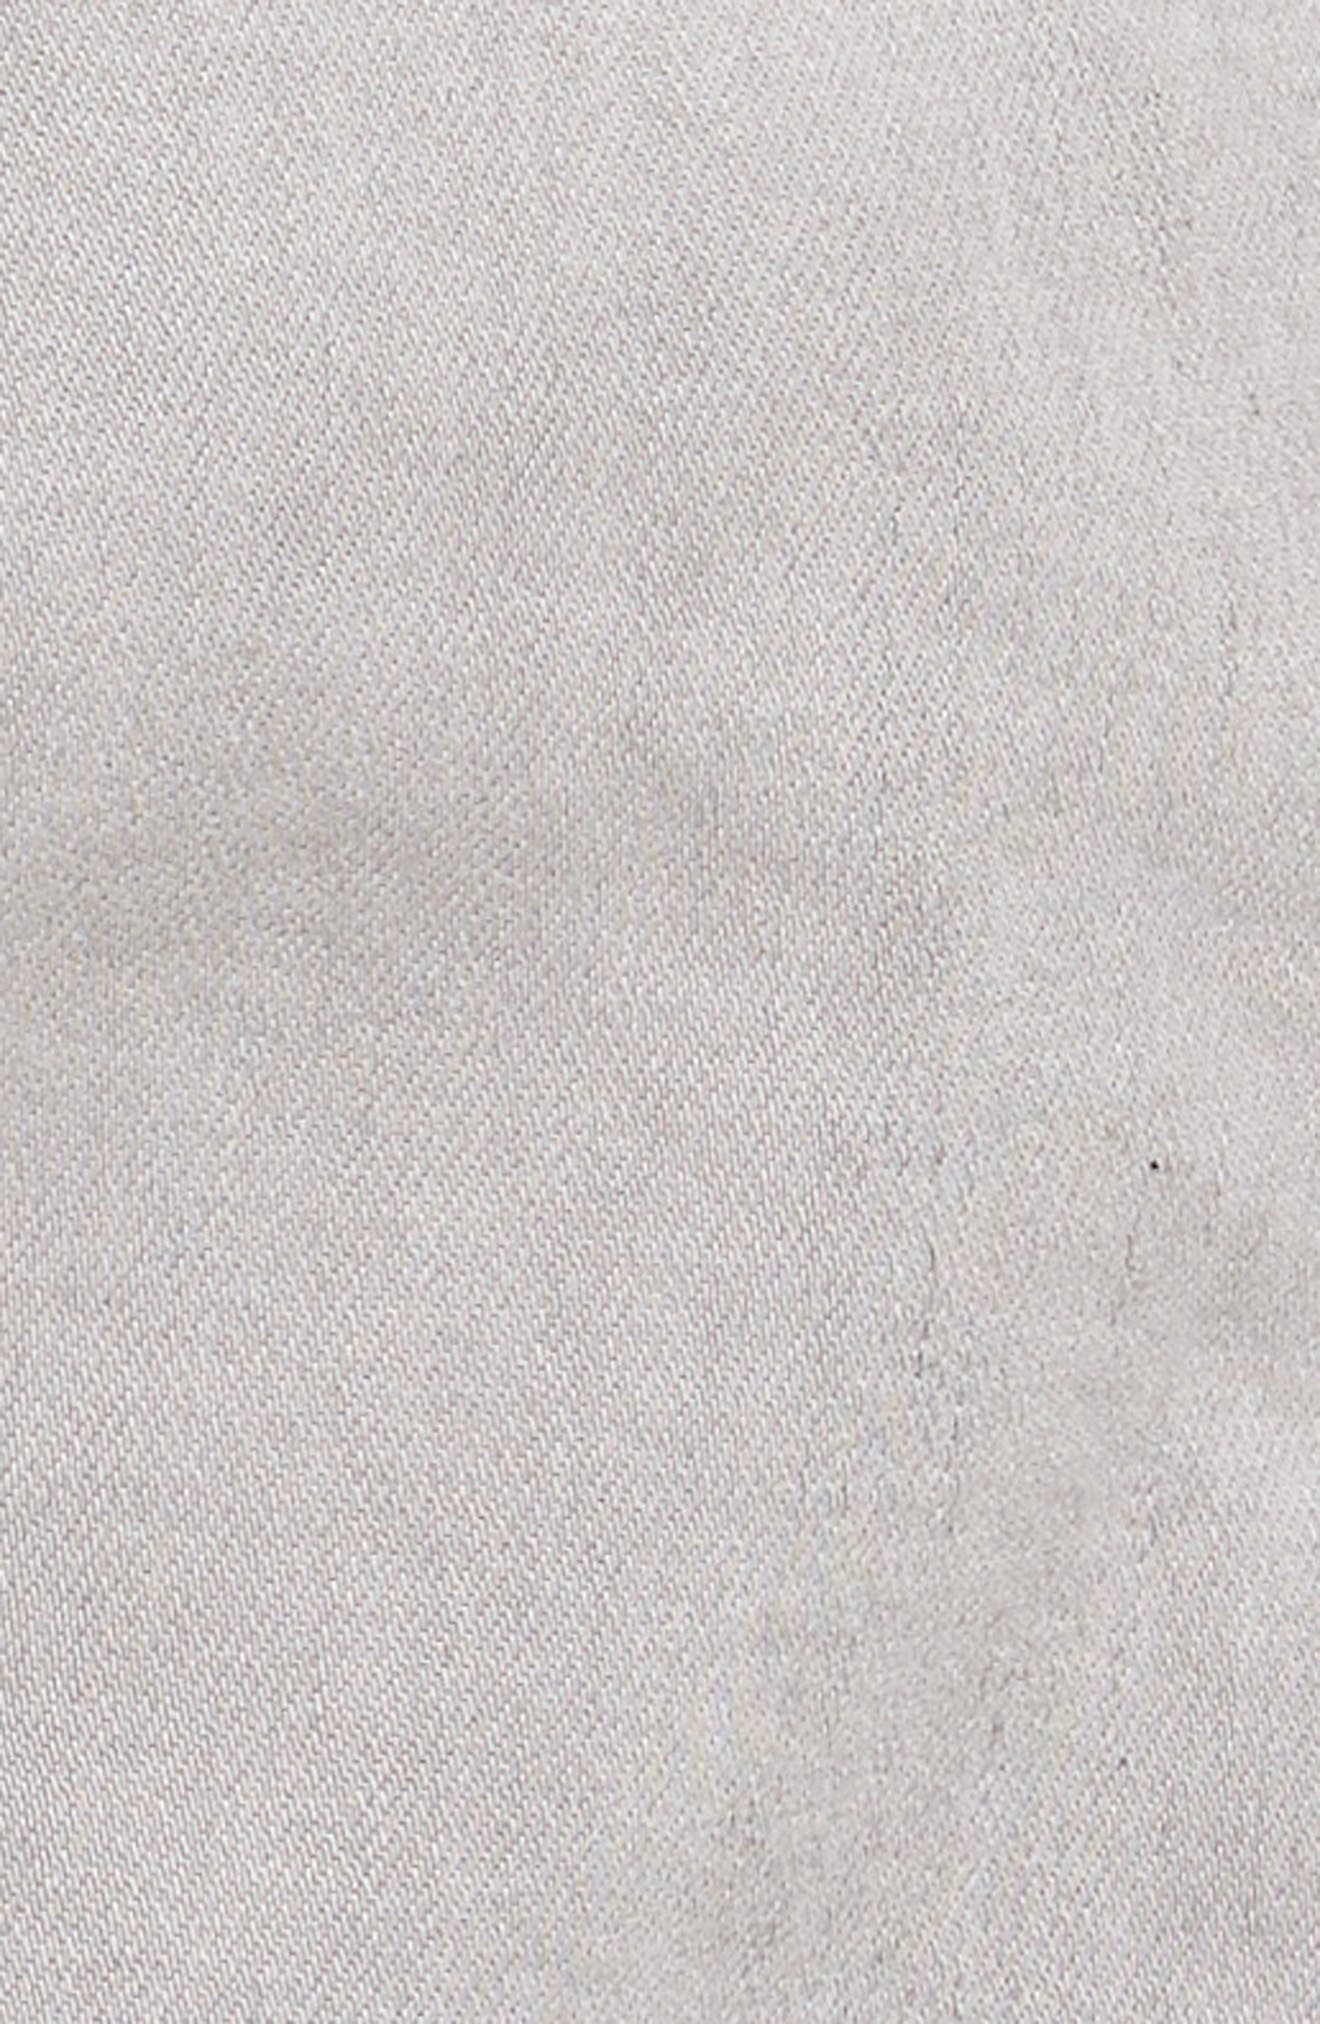 Scope Shorts,                             Alternate thumbnail 5, color,                             069